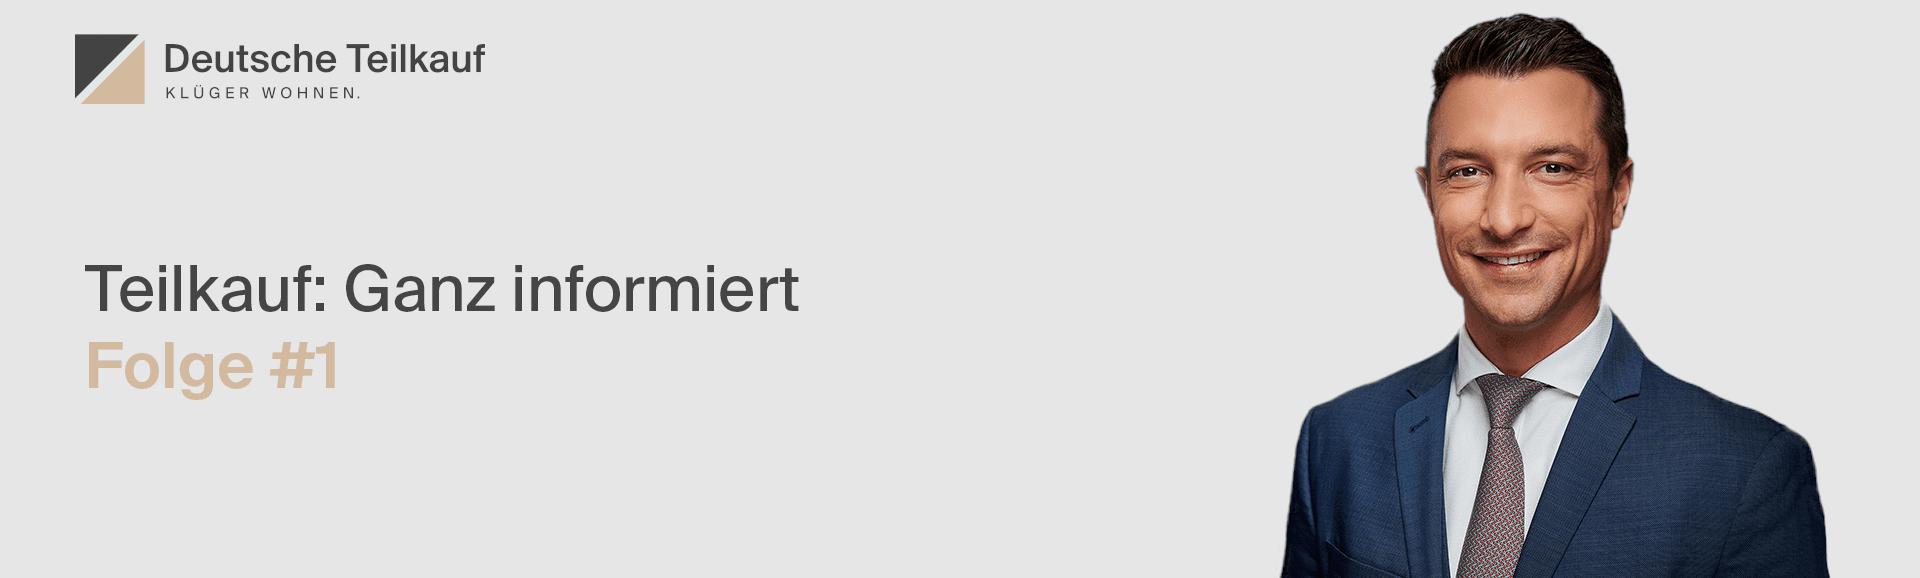 Deutsche Teilkauf: Ganz informiert - Vlog-Folge #1 - Der Teilverkauf